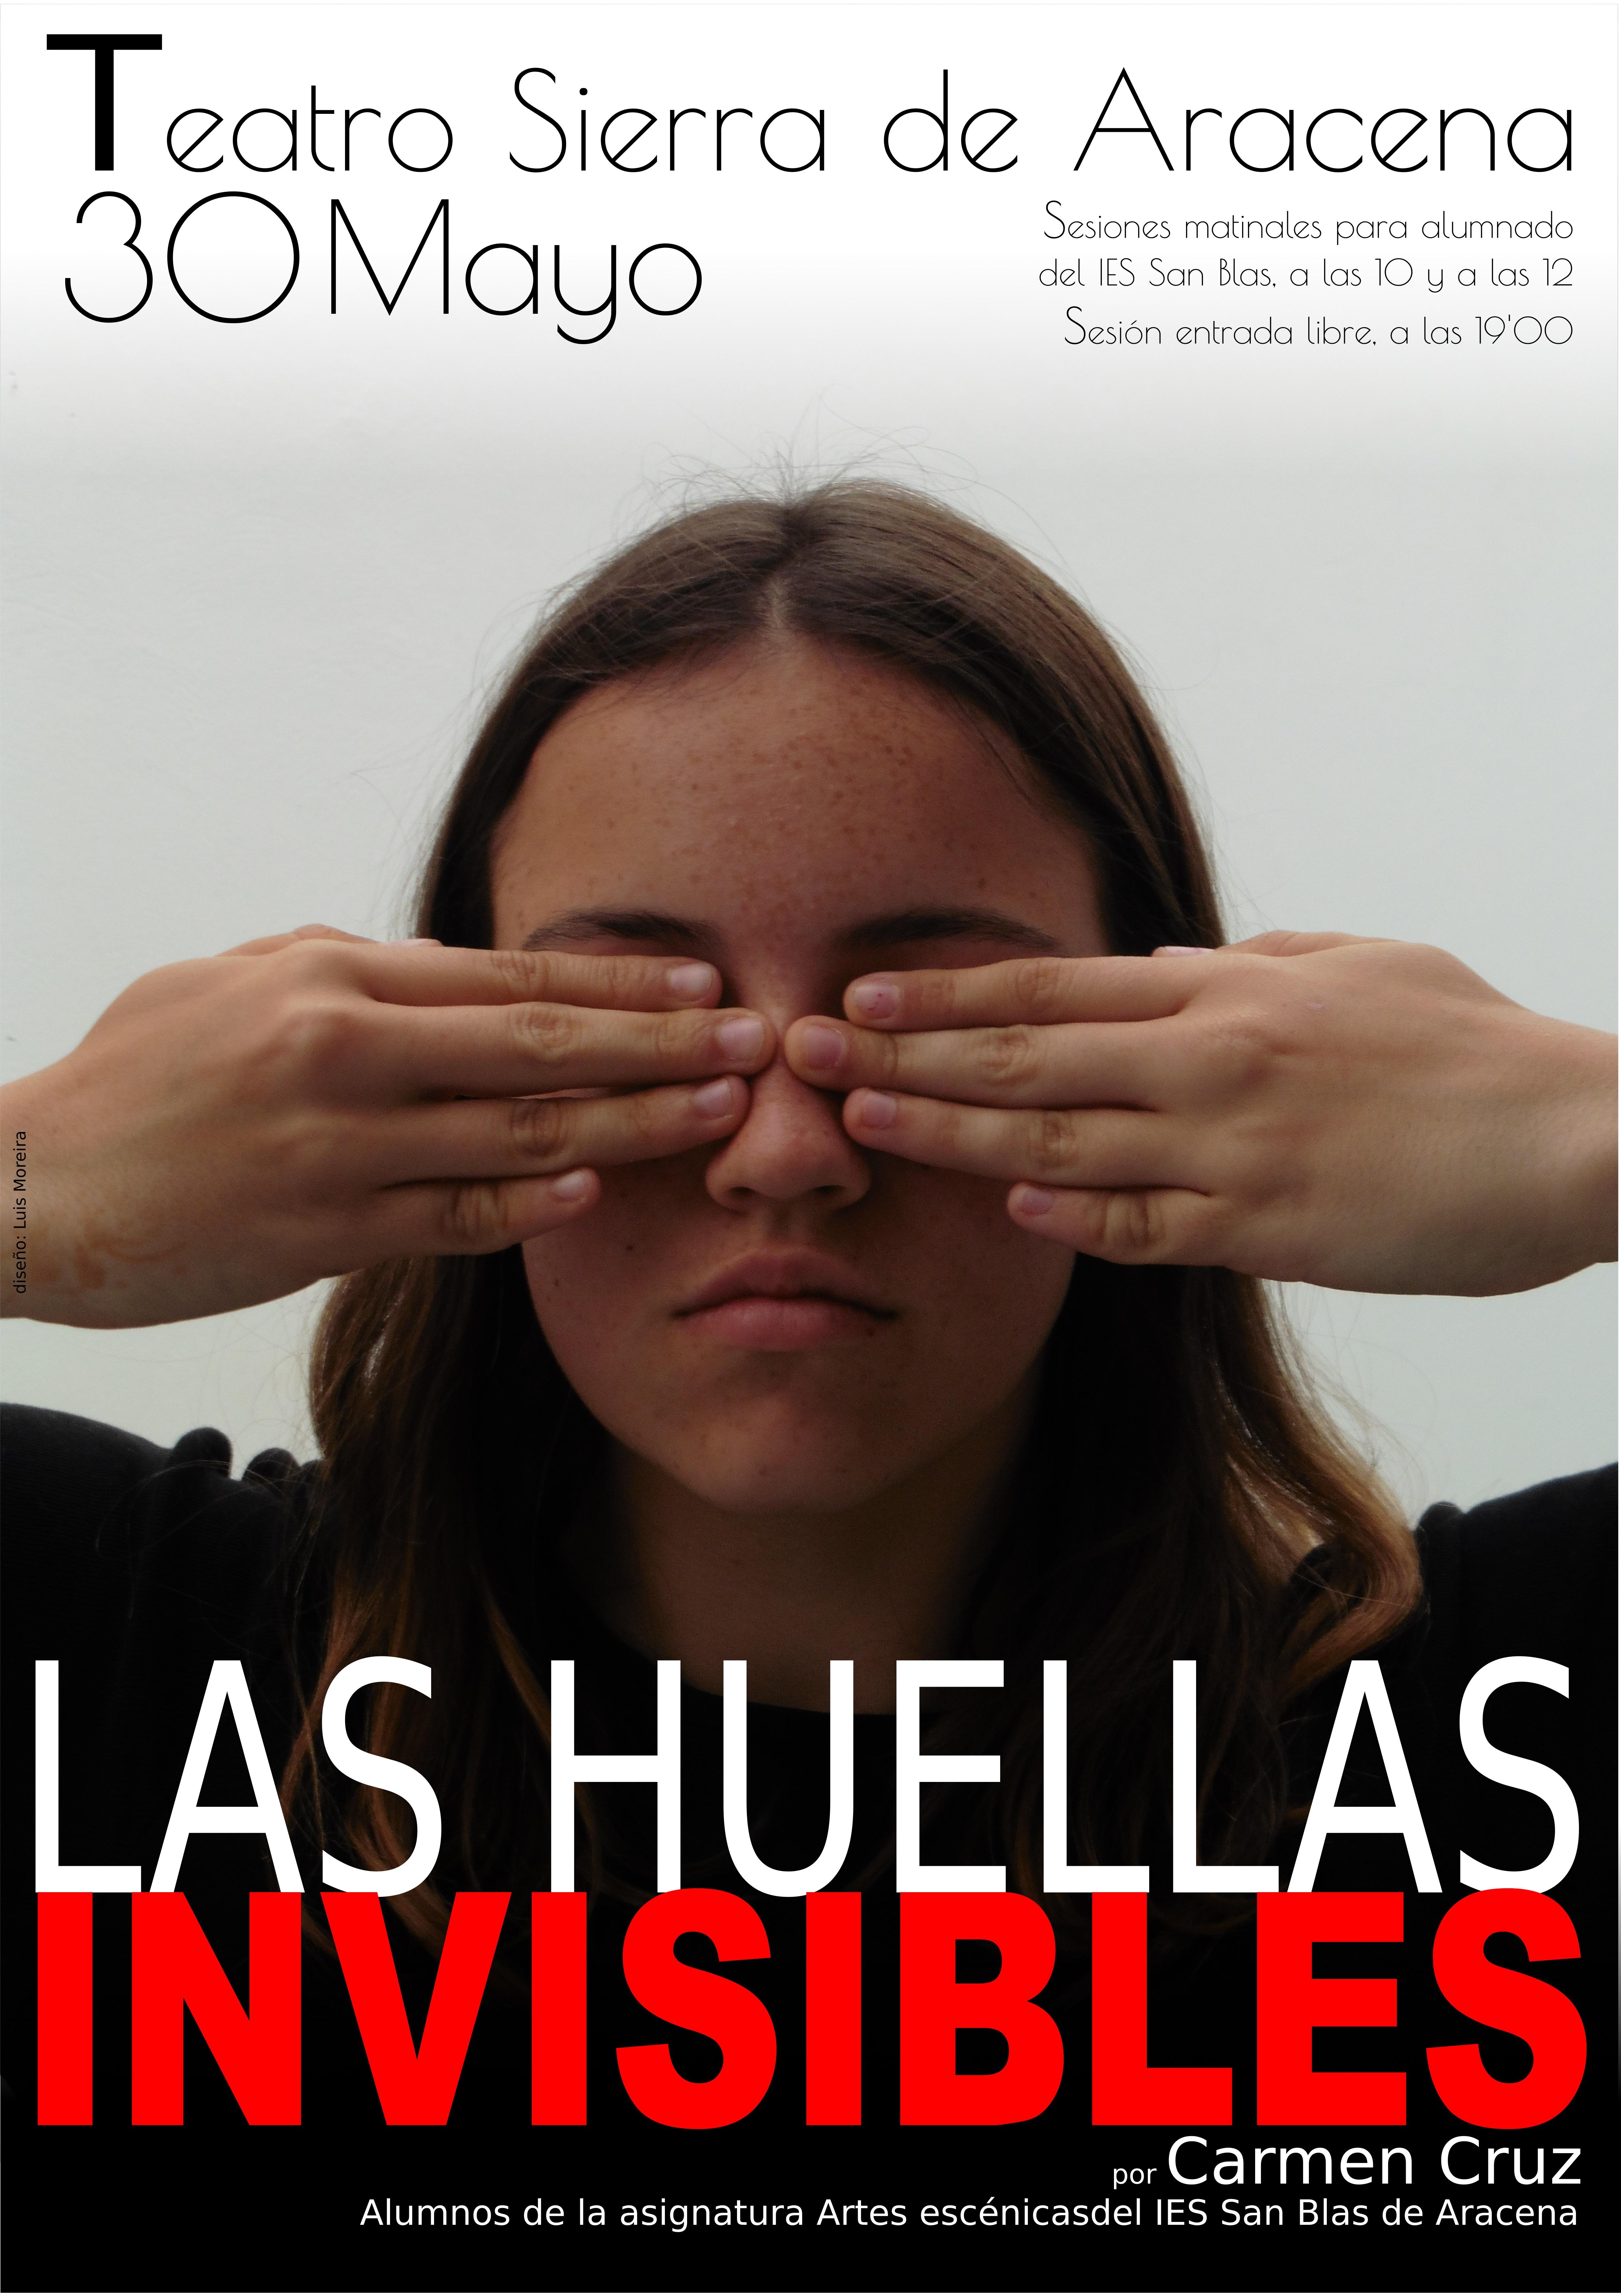 2018 Las Huellas Invisibles